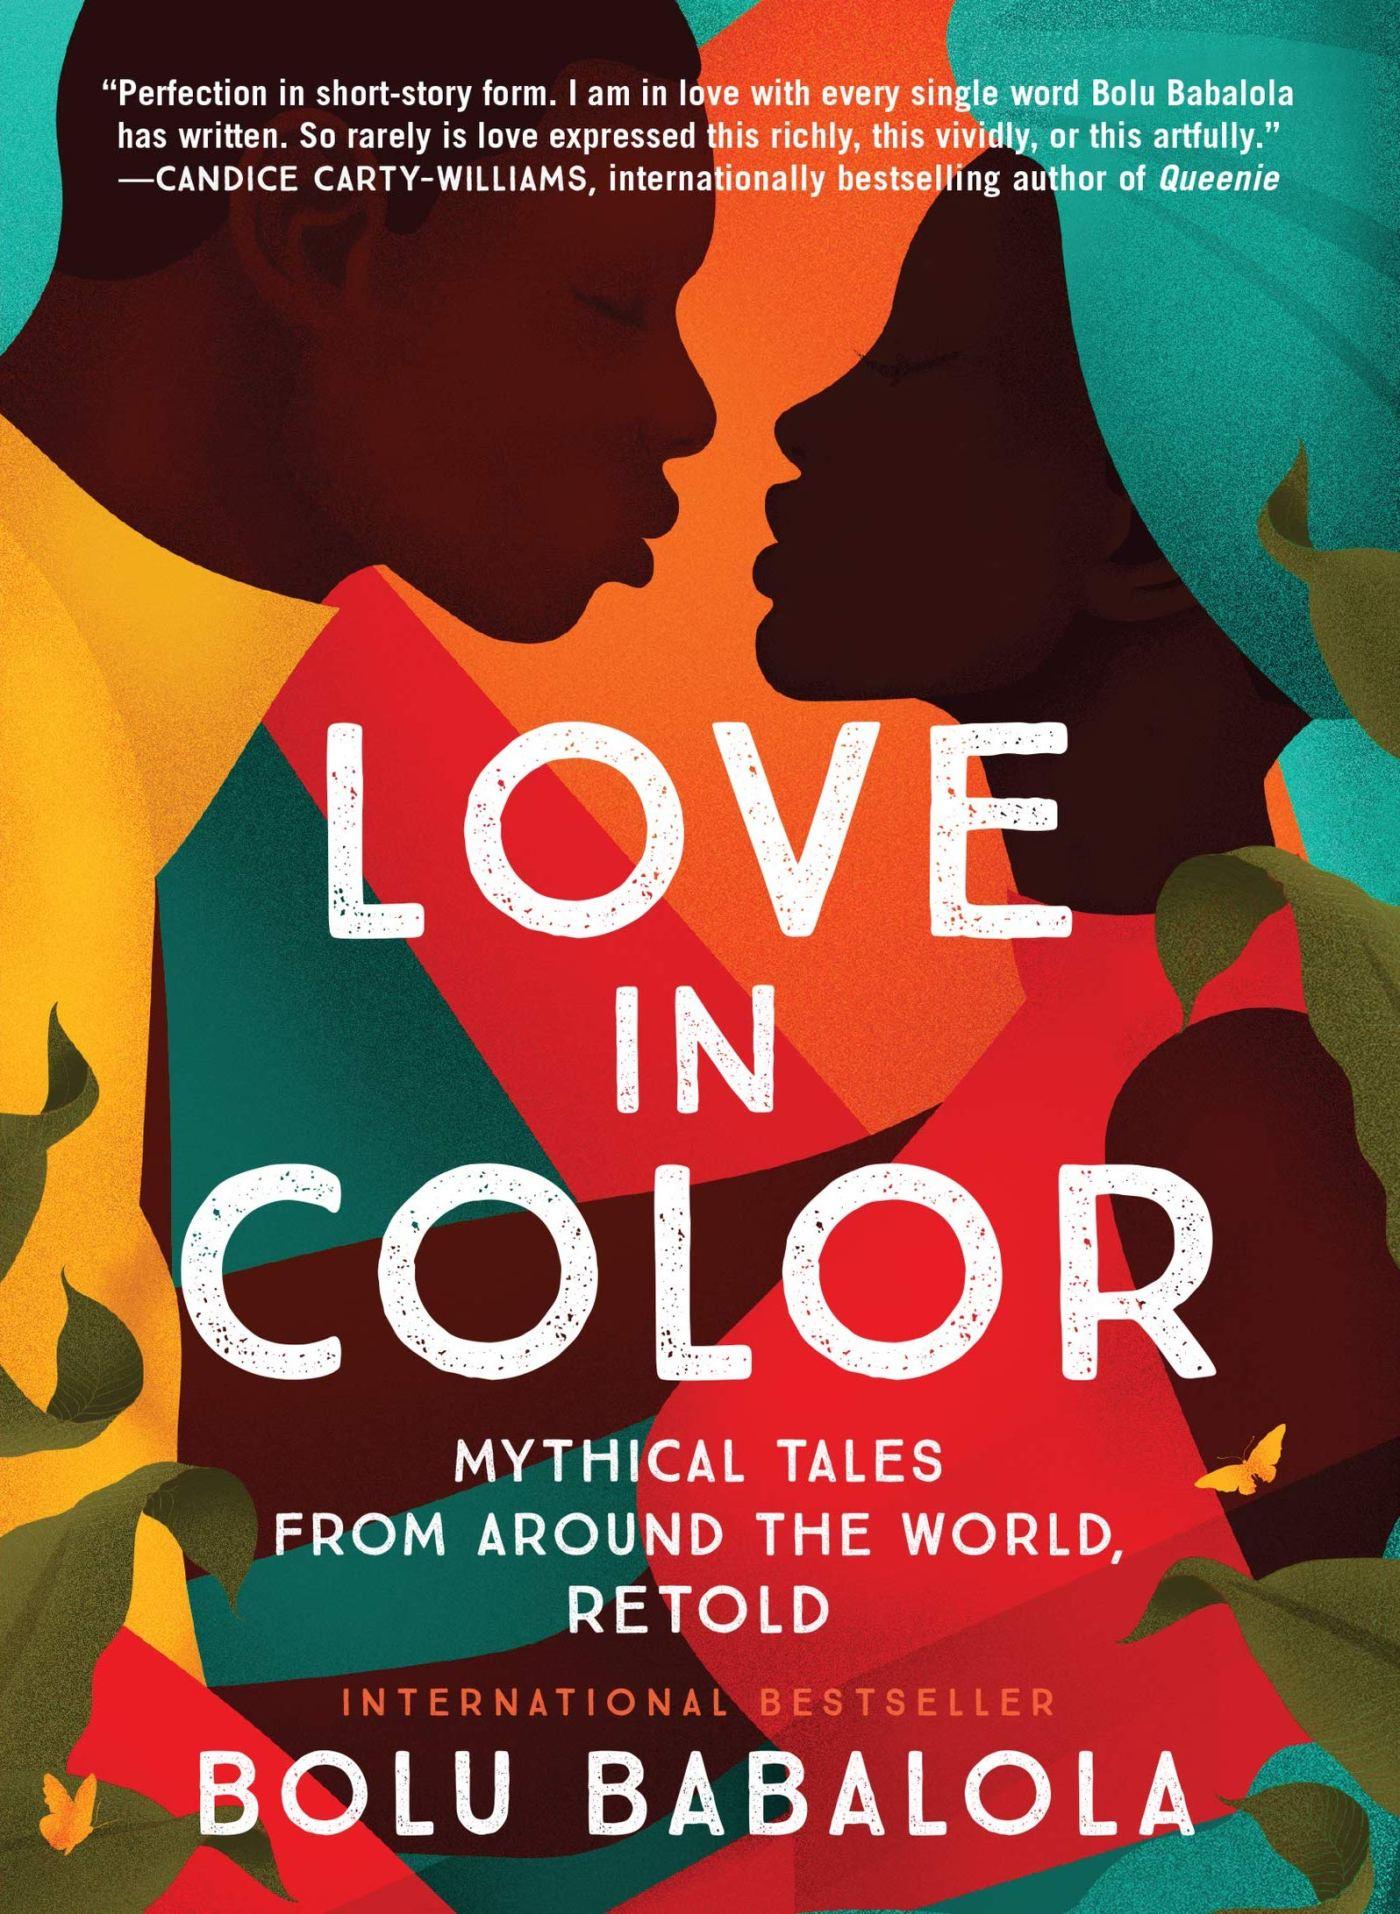 Bolu Babalola - Love in Color